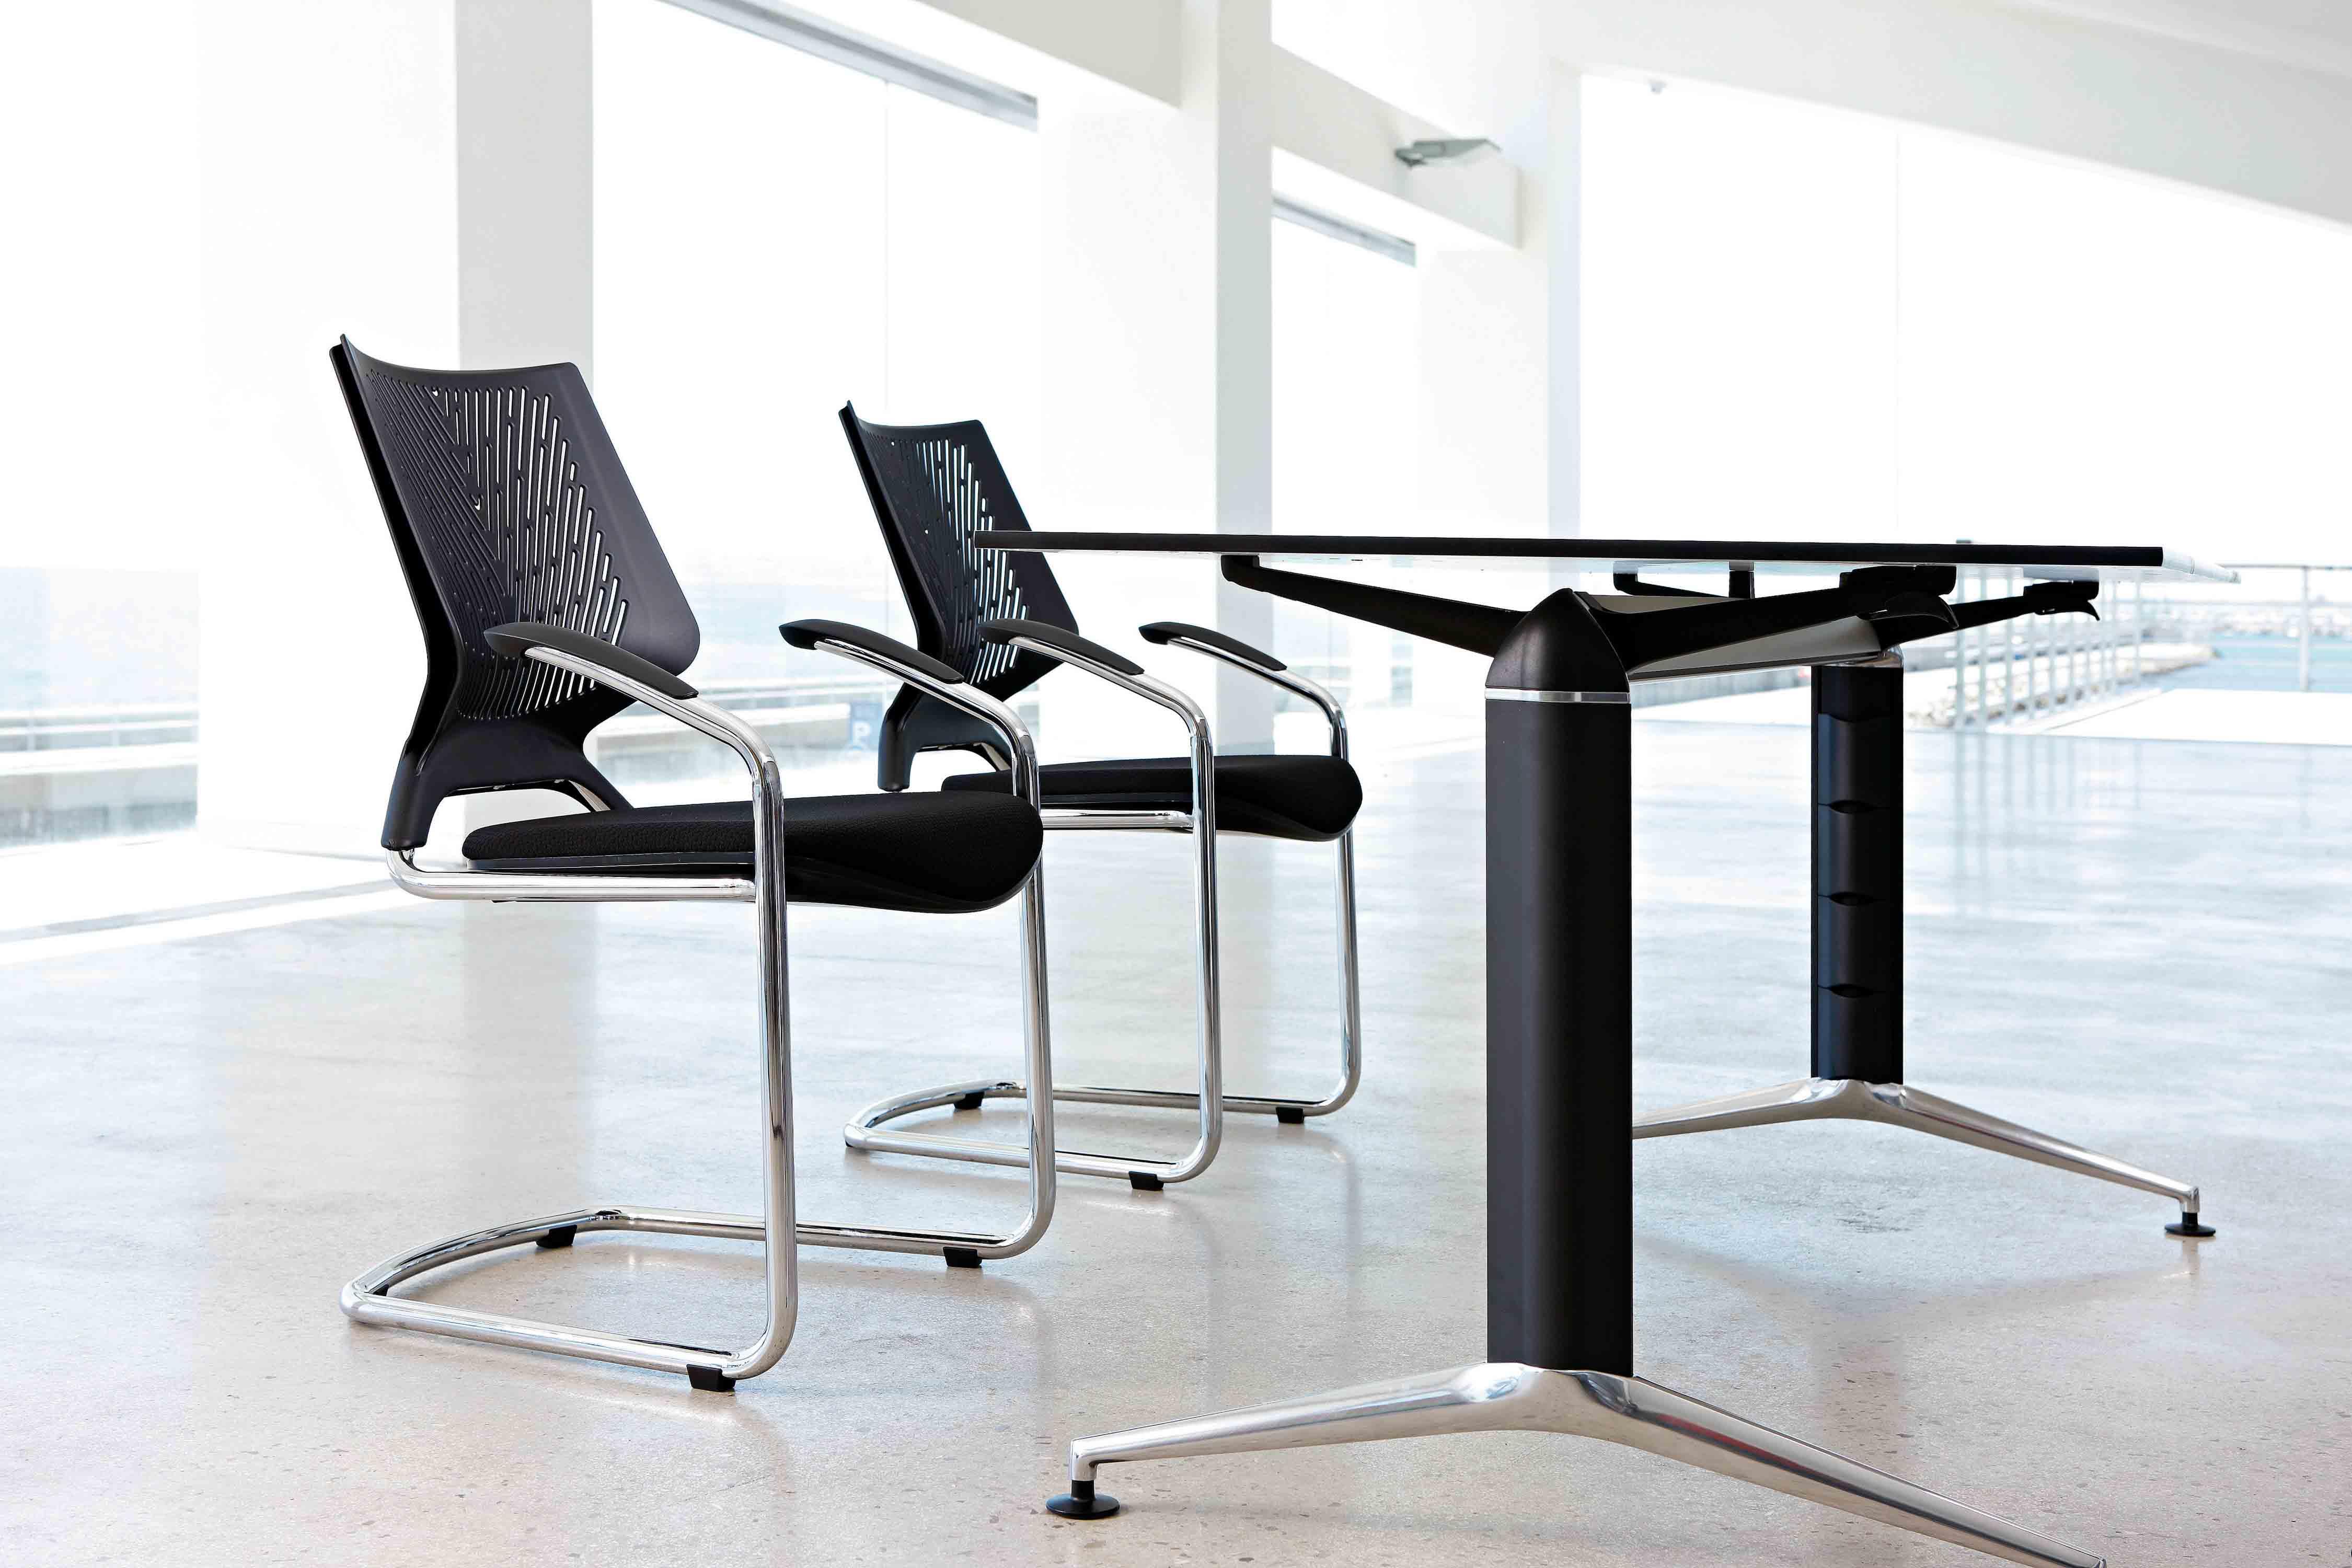 Mesas Spacio Oficina De Estudio Muebles TramaAbatibles IY7fgvb6y